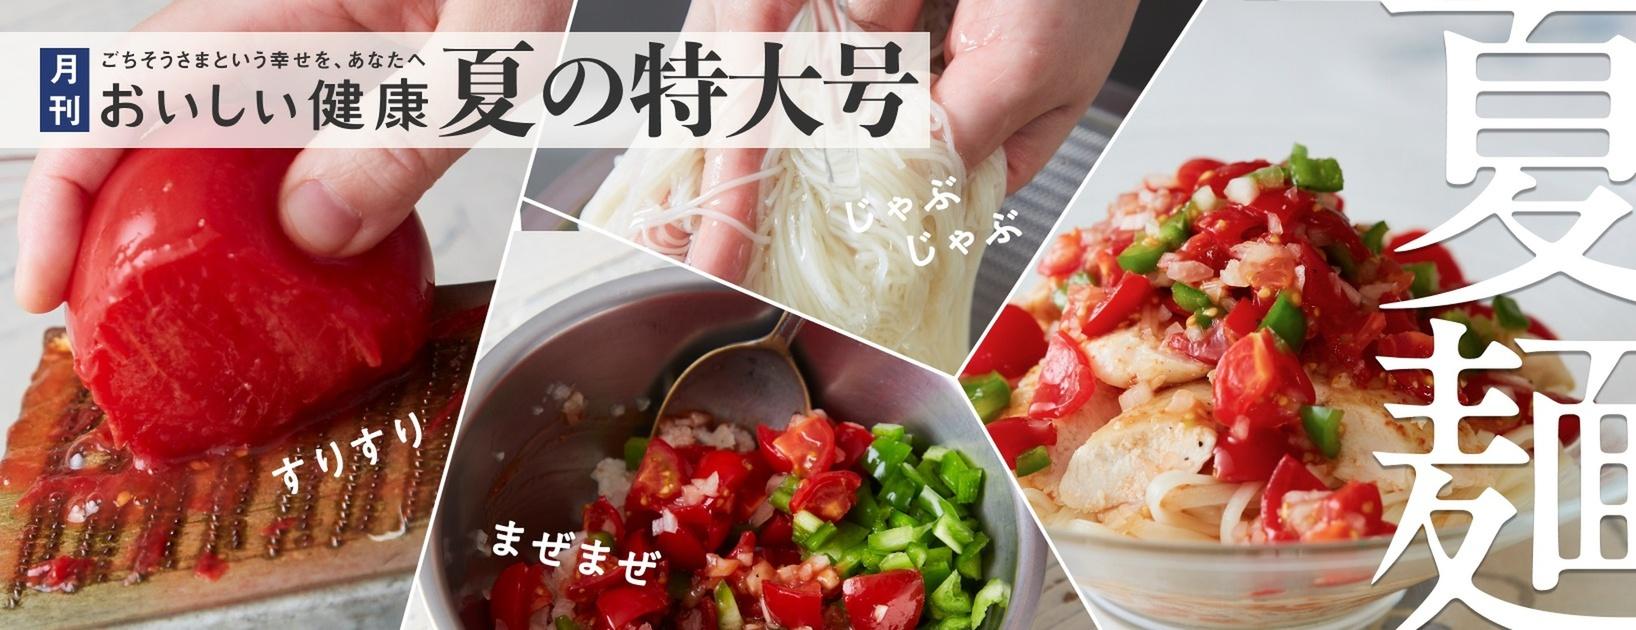 堤人美さんの#夏麺